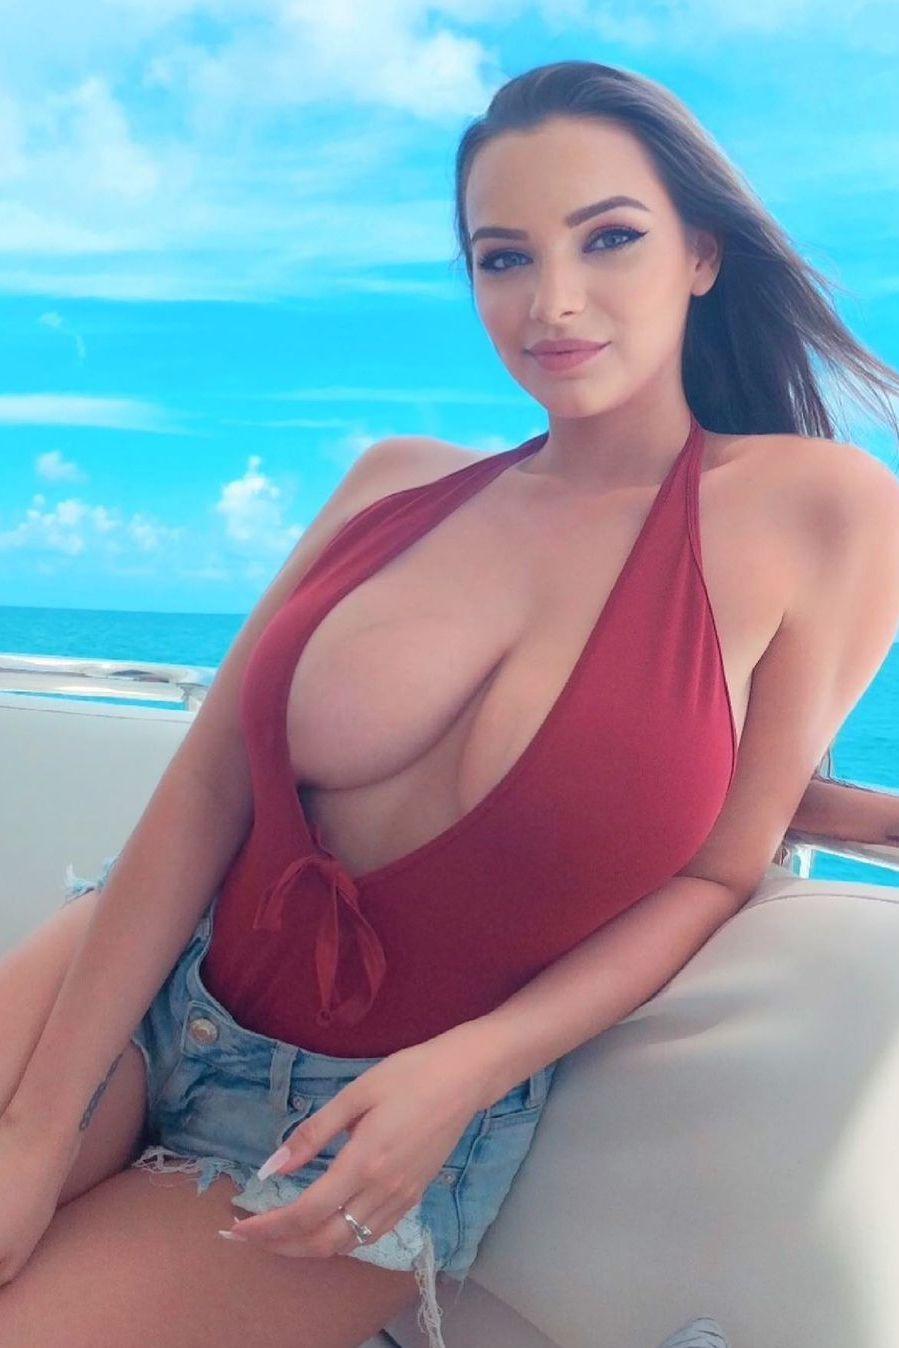 Tits sexy model big Big tits: